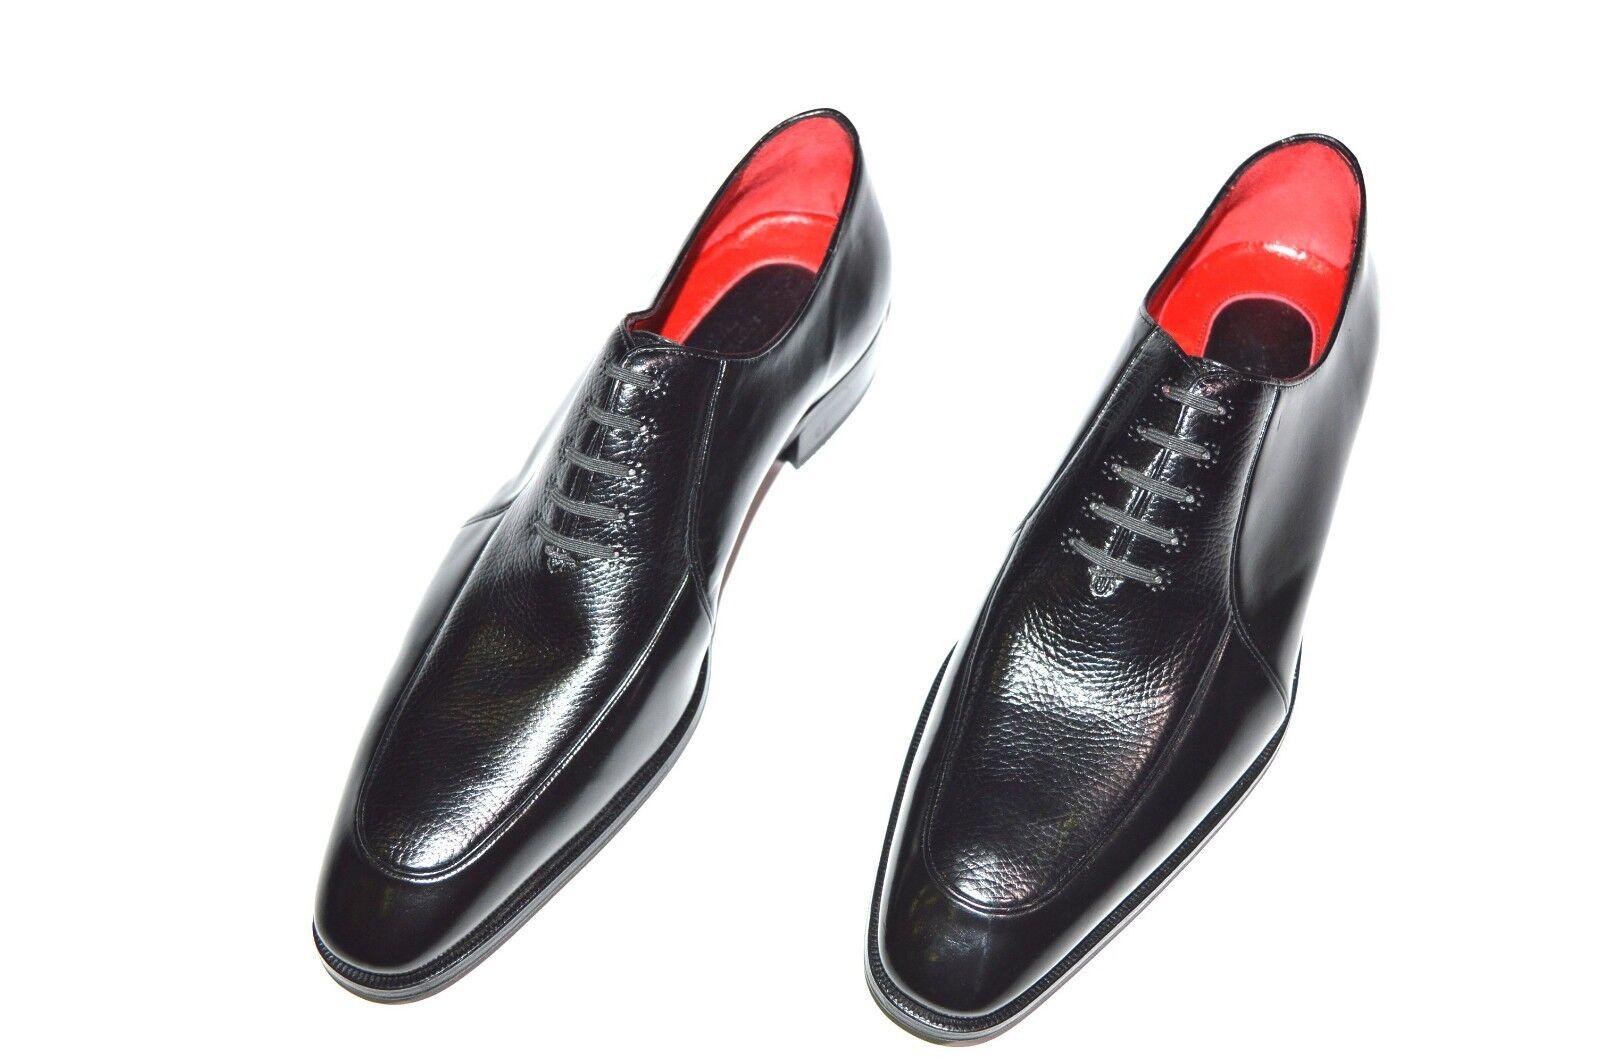 Nuevo STEFANO RICCI Cuero Zapatos Talla nos 9.5 (COD N48)